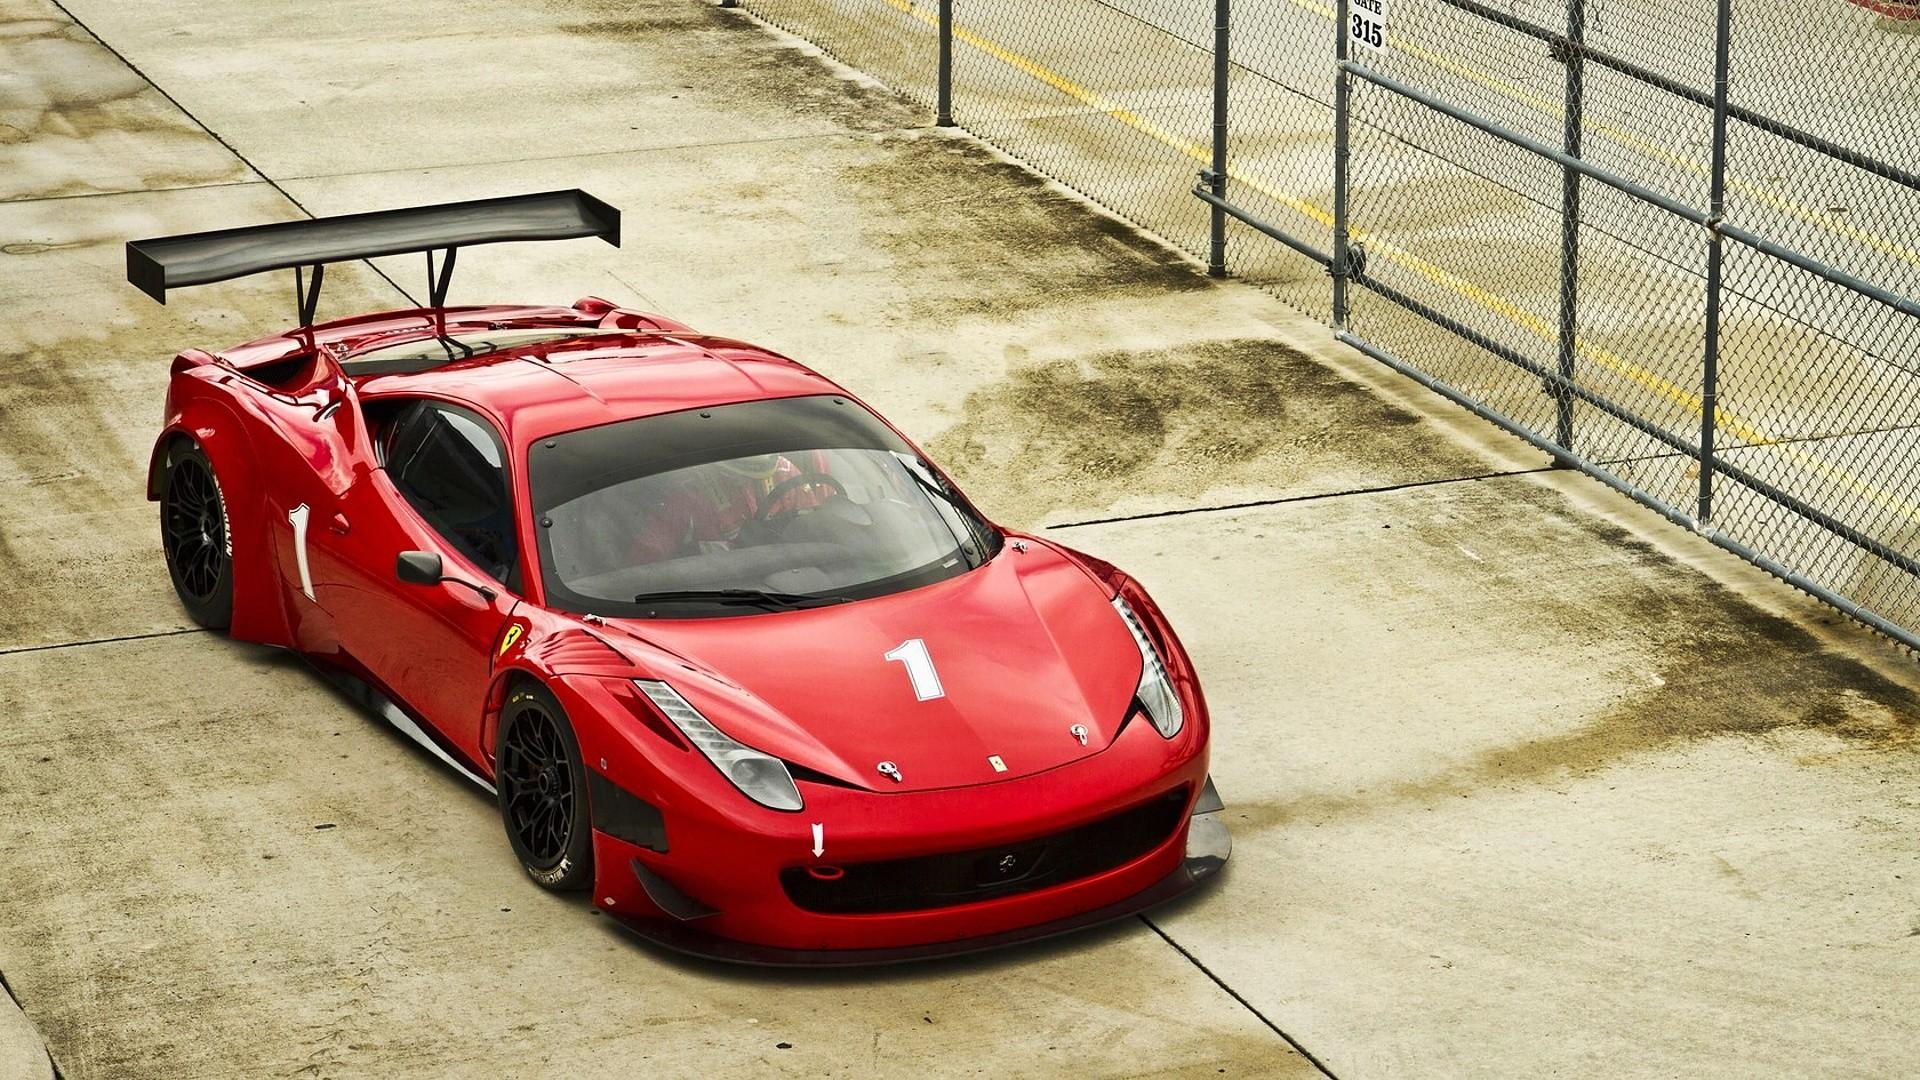 Hd Sport Car Wallpaper 75 Images